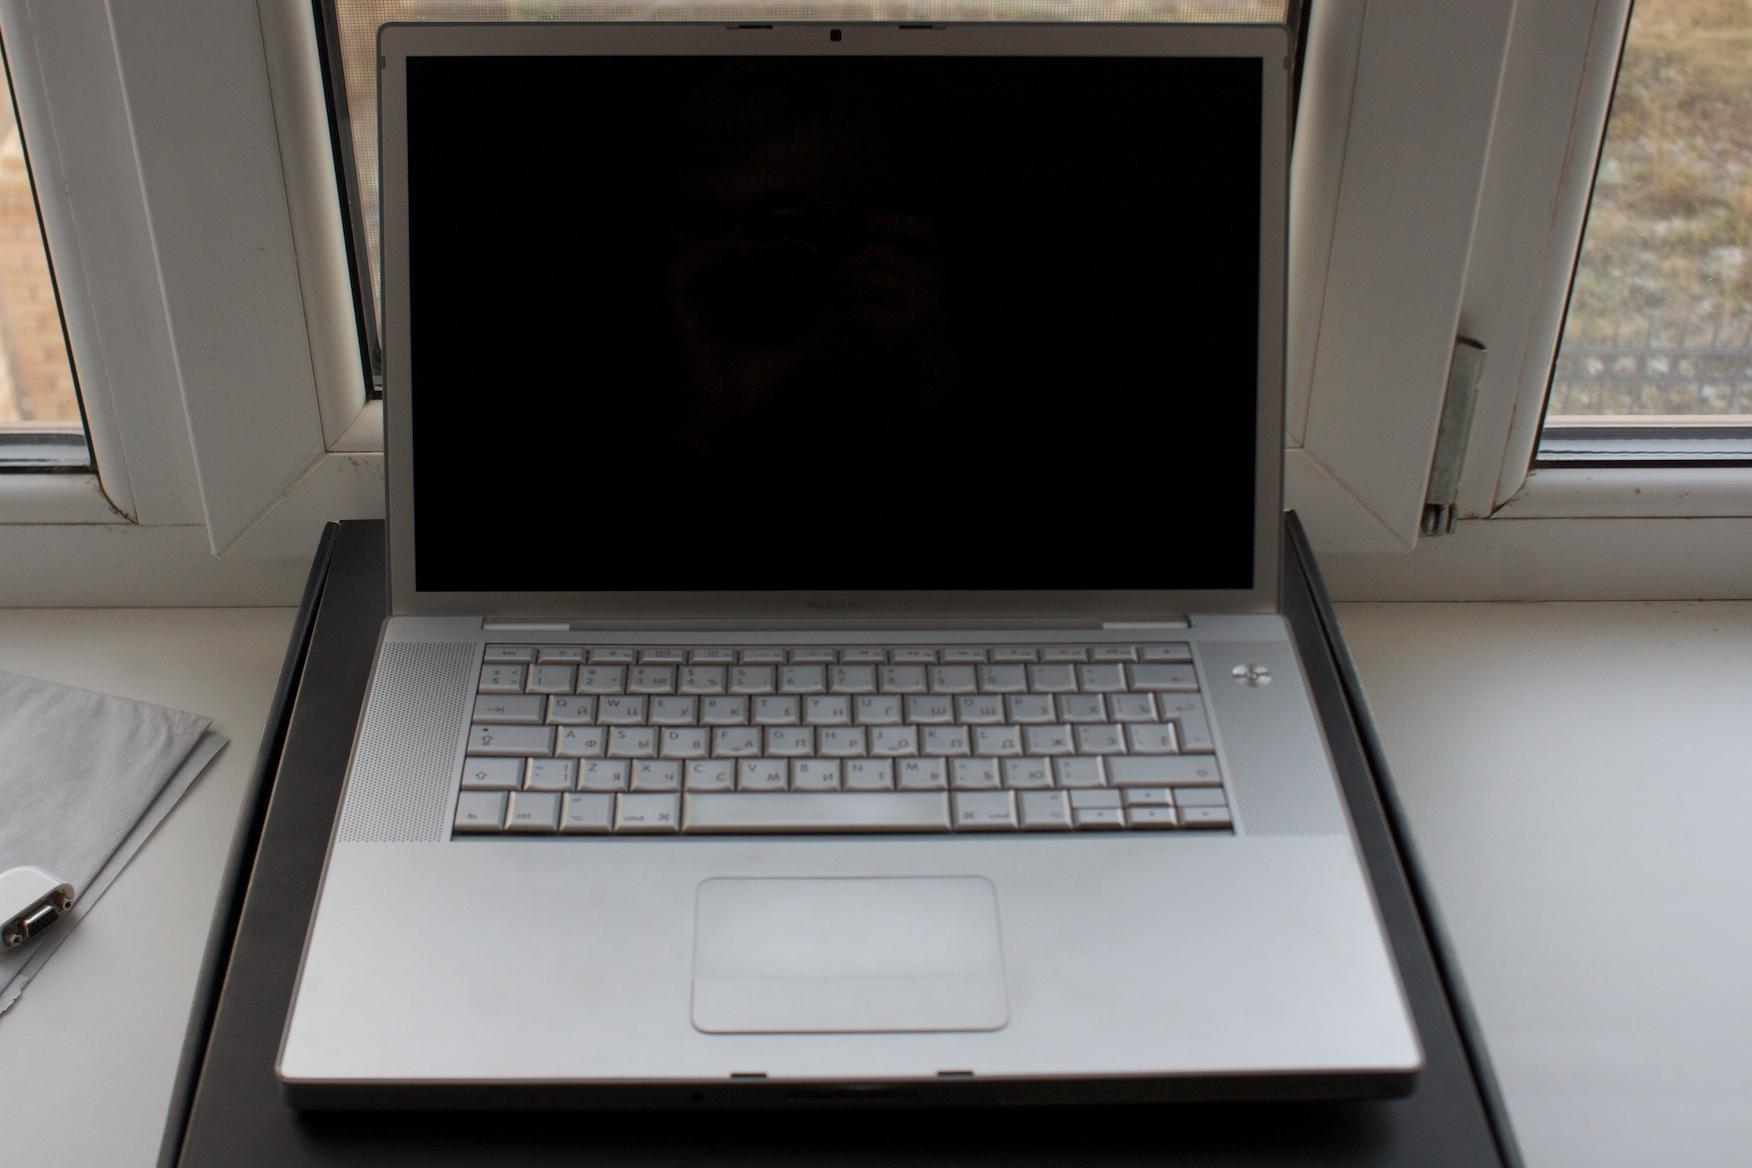 Моддер превратил Macbook Pro в ноутбук с Samsung DeX